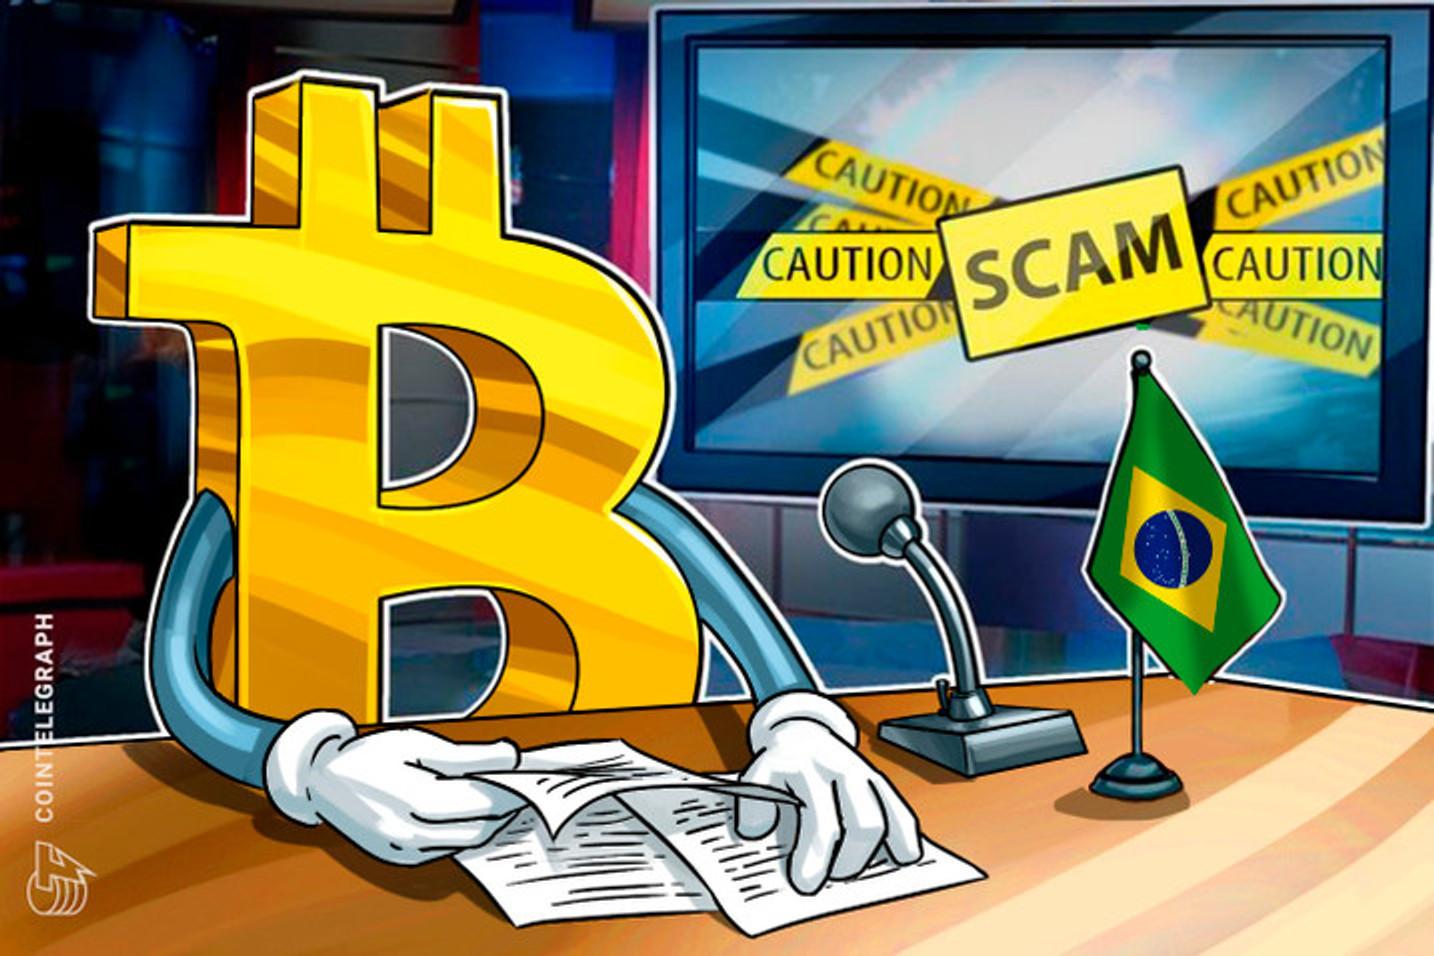 Glaidson Acácio dos Santos e mais 21 são indiciados por crimes contra o sistema financeiro no relatório final da 'Operação Kryptos'